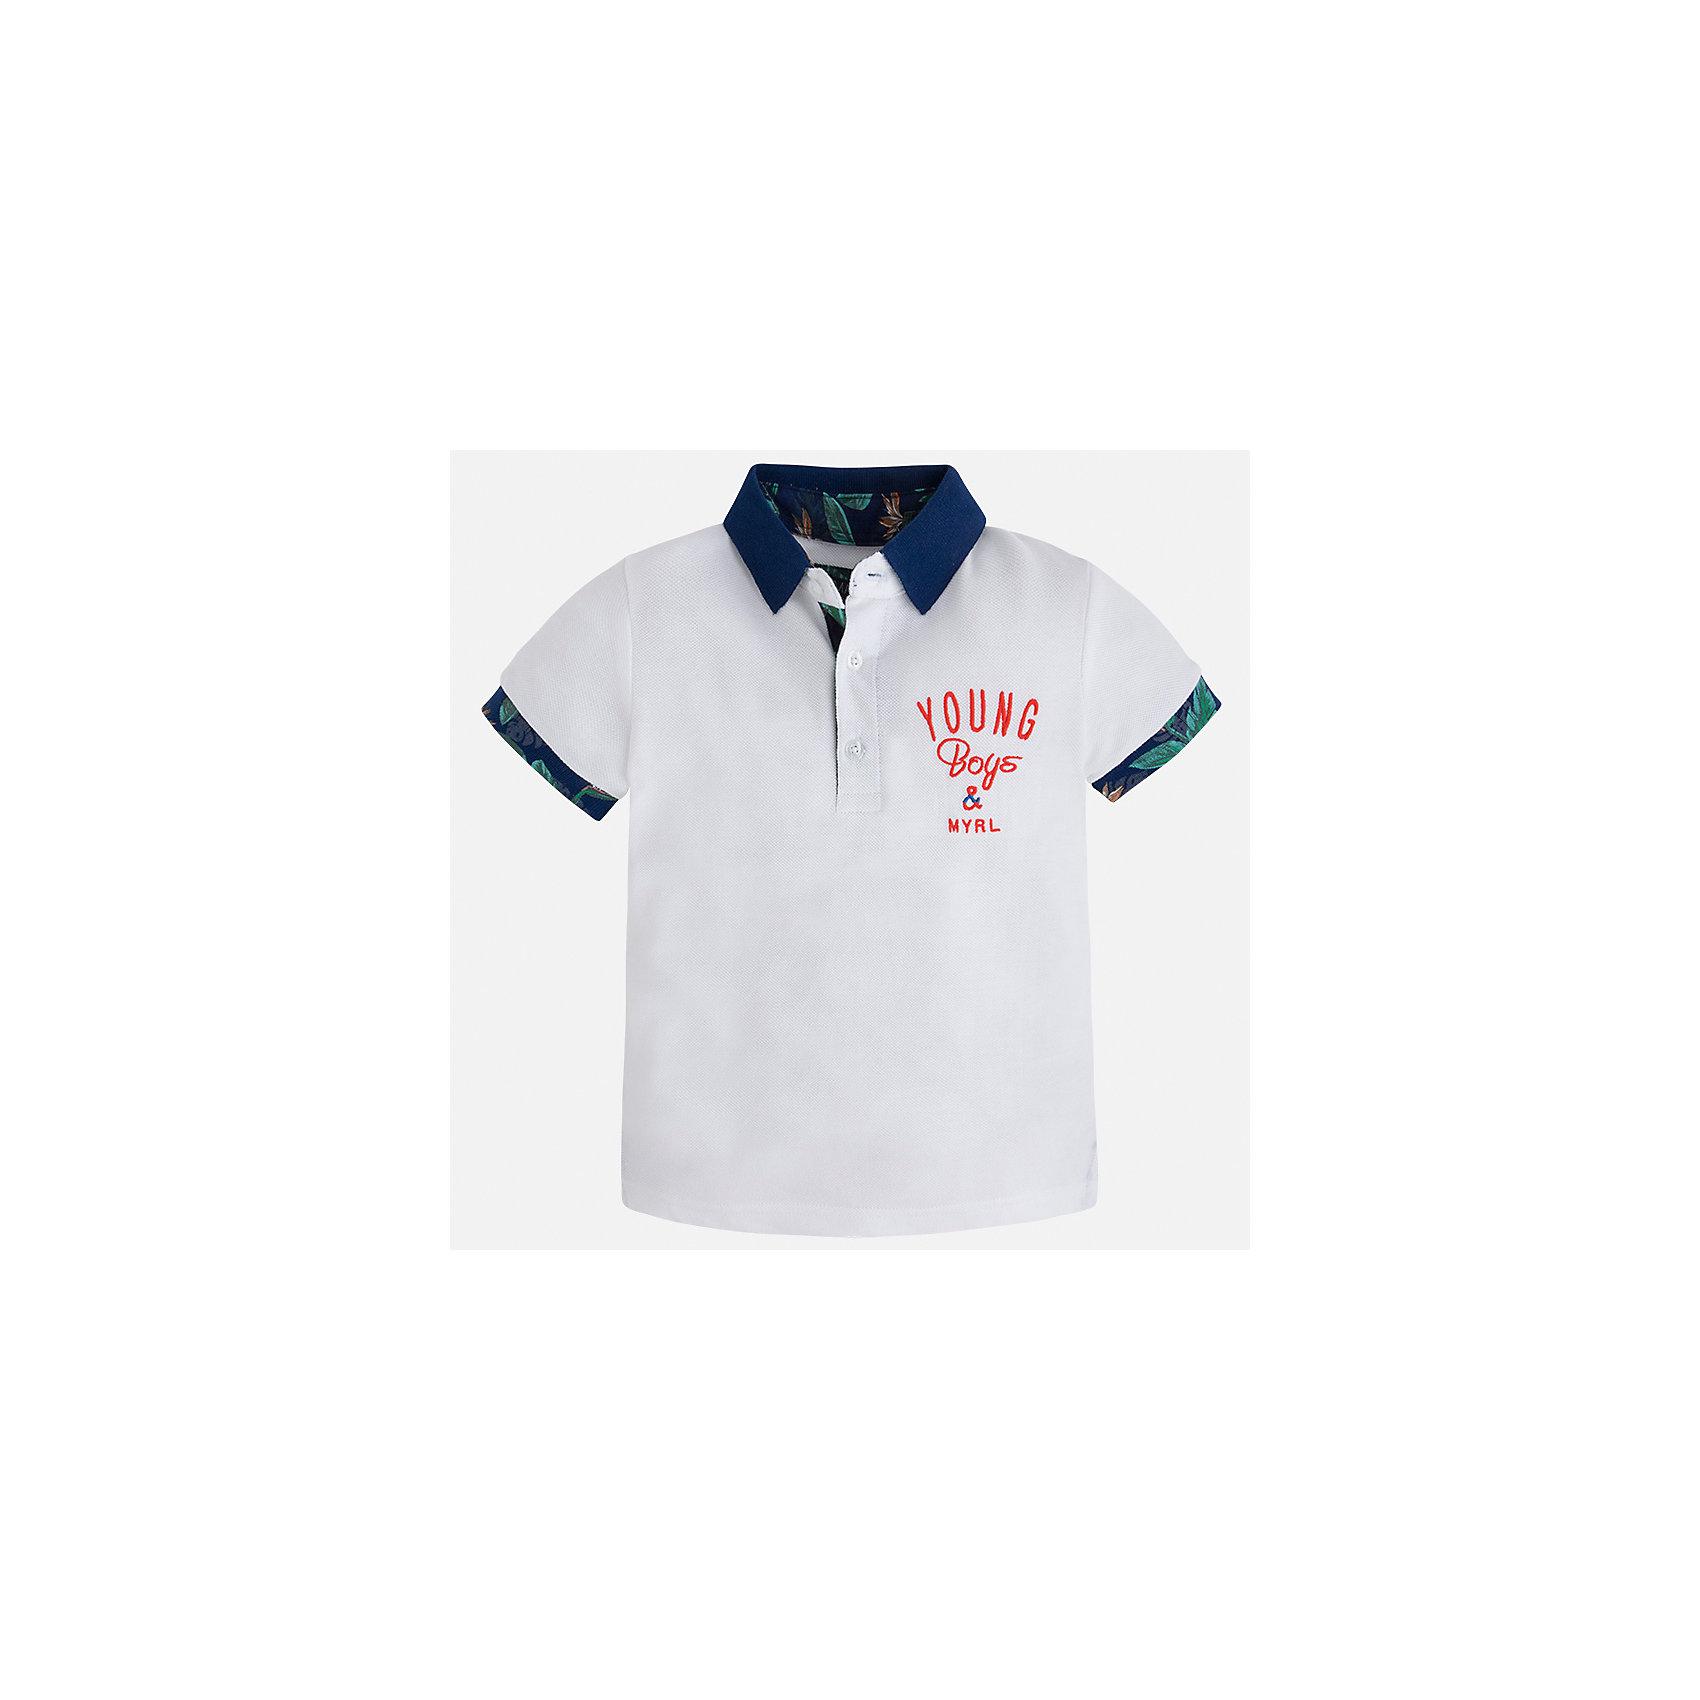 Футболка-поло для мальчика MayoralХарактеристики товара:<br><br>• цвет: белый<br>• состав: 100% хлопок<br>• отложной воротник<br>• короткие рукава<br>• застежка: пуговицы<br>• декорирована вышивкой<br>• страна бренда: Испания<br><br>Модная футболка-поло для мальчика может стать базовой вещью в гардеробе ребенка. Она отлично сочетается с брюками, шортами, джинсами и т.д. Универсальный крой и цвет позволяет подобрать к вещи низ разных расцветок. Практичное и стильное изделие! В составе материала - только натуральный хлопок, гипоаллергенный, приятный на ощупь, дышащий.<br><br>Одежда, обувь и аксессуары от испанского бренда Mayoral полюбились детям и взрослым по всему миру. Модели этой марки - стильные и удобные. Для их производства используются только безопасные, качественные материалы и фурнитура. Порадуйте ребенка модными и красивыми вещами от Mayoral! <br><br>Футболку-поло для мальчика от испанского бренда Mayoral (Майорал) можно купить в нашем интернет-магазине.<br><br>Ширина мм: 199<br>Глубина мм: 10<br>Высота мм: 161<br>Вес г: 151<br>Цвет: белый<br>Возраст от месяцев: 96<br>Возраст до месяцев: 108<br>Пол: Мужской<br>Возраст: Детский<br>Размер: 134,122,116,110,104,98,128,92<br>SKU: 5271850